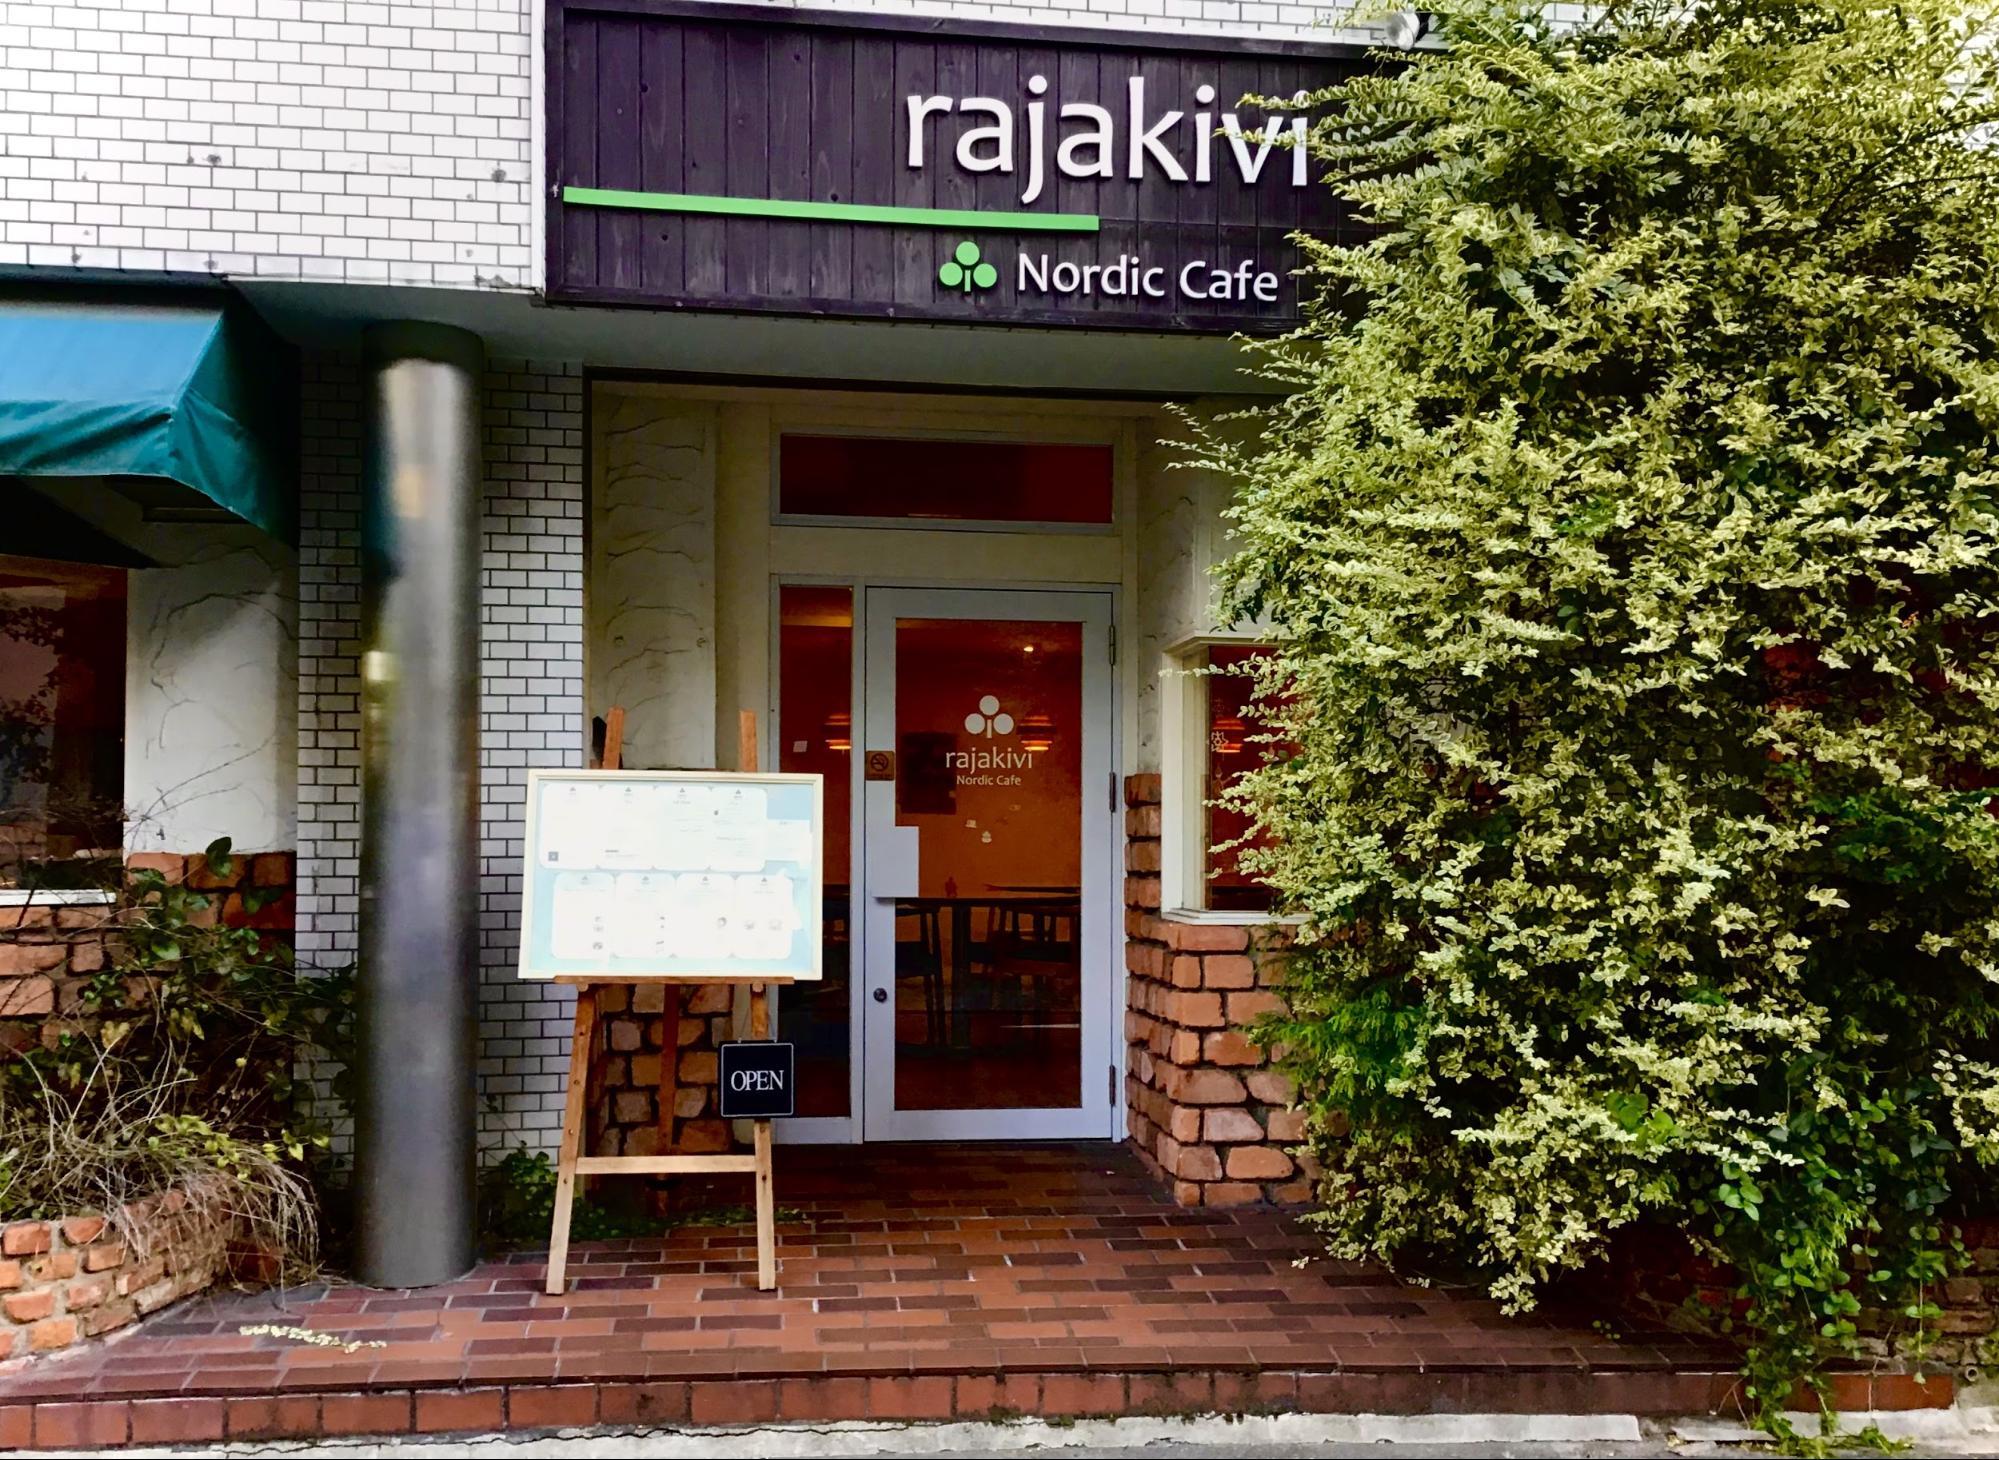 北欧の風が香るカフェ『rajakivi』の扉を開けに - image11